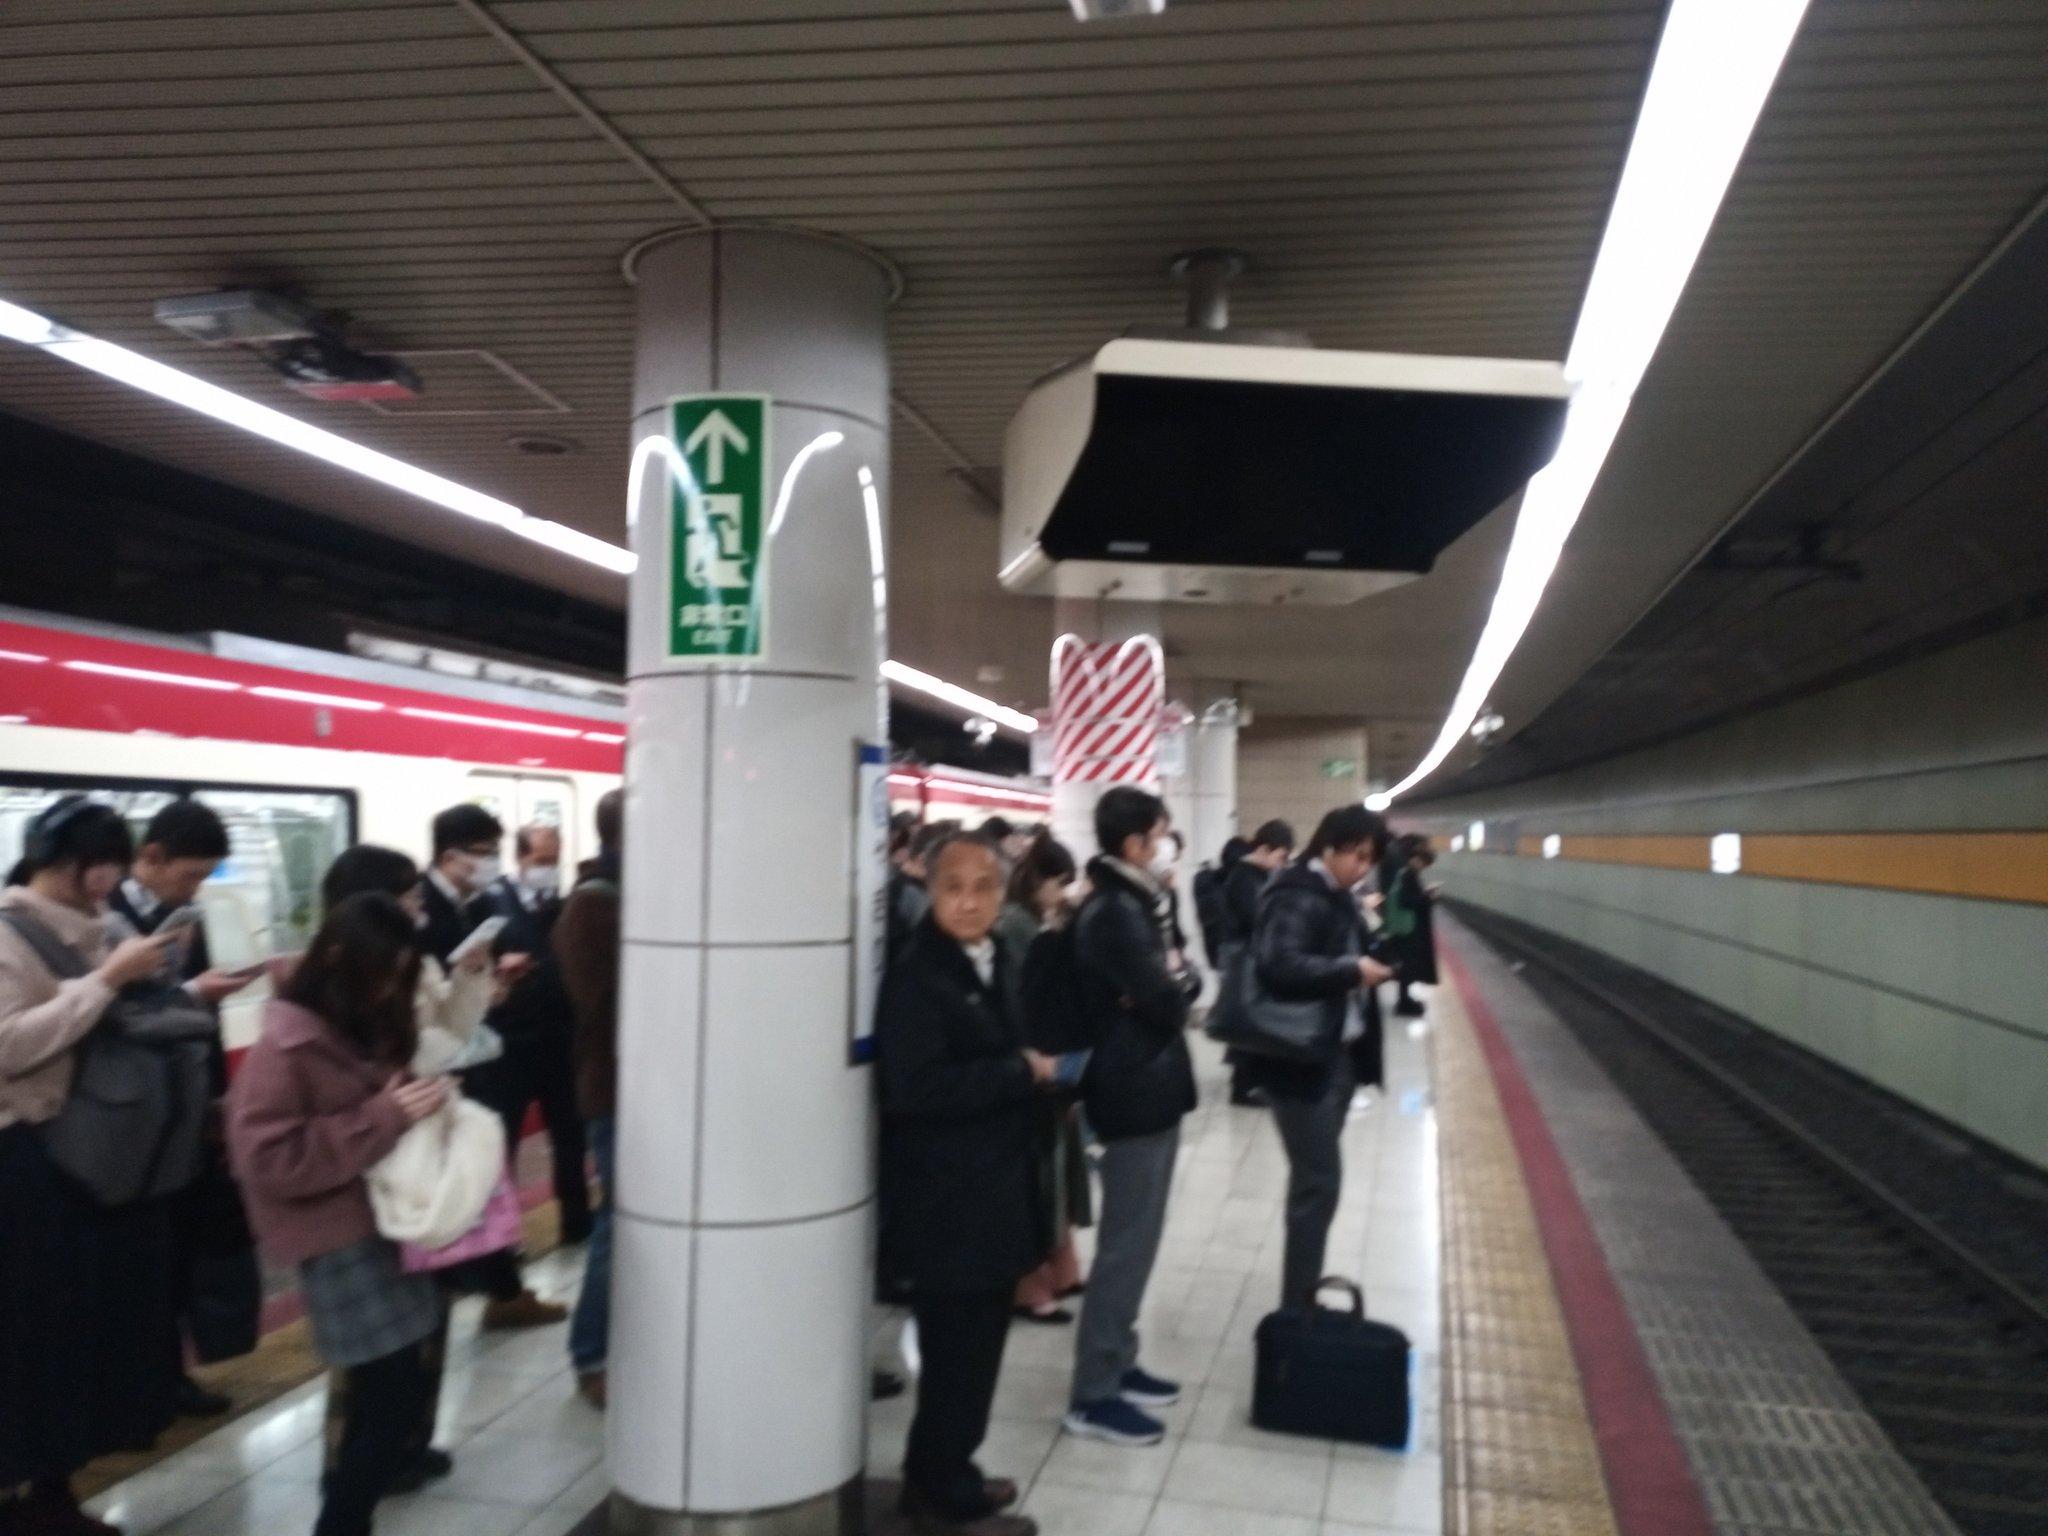 画像,矢切駅からは結局新鎌ヶ谷で乗り換えた各停に乗車矢切駅東松戸方には飛び散ったフロントガラスがホームに散乱していてなんとも言えない気持ちになりました。 https:…